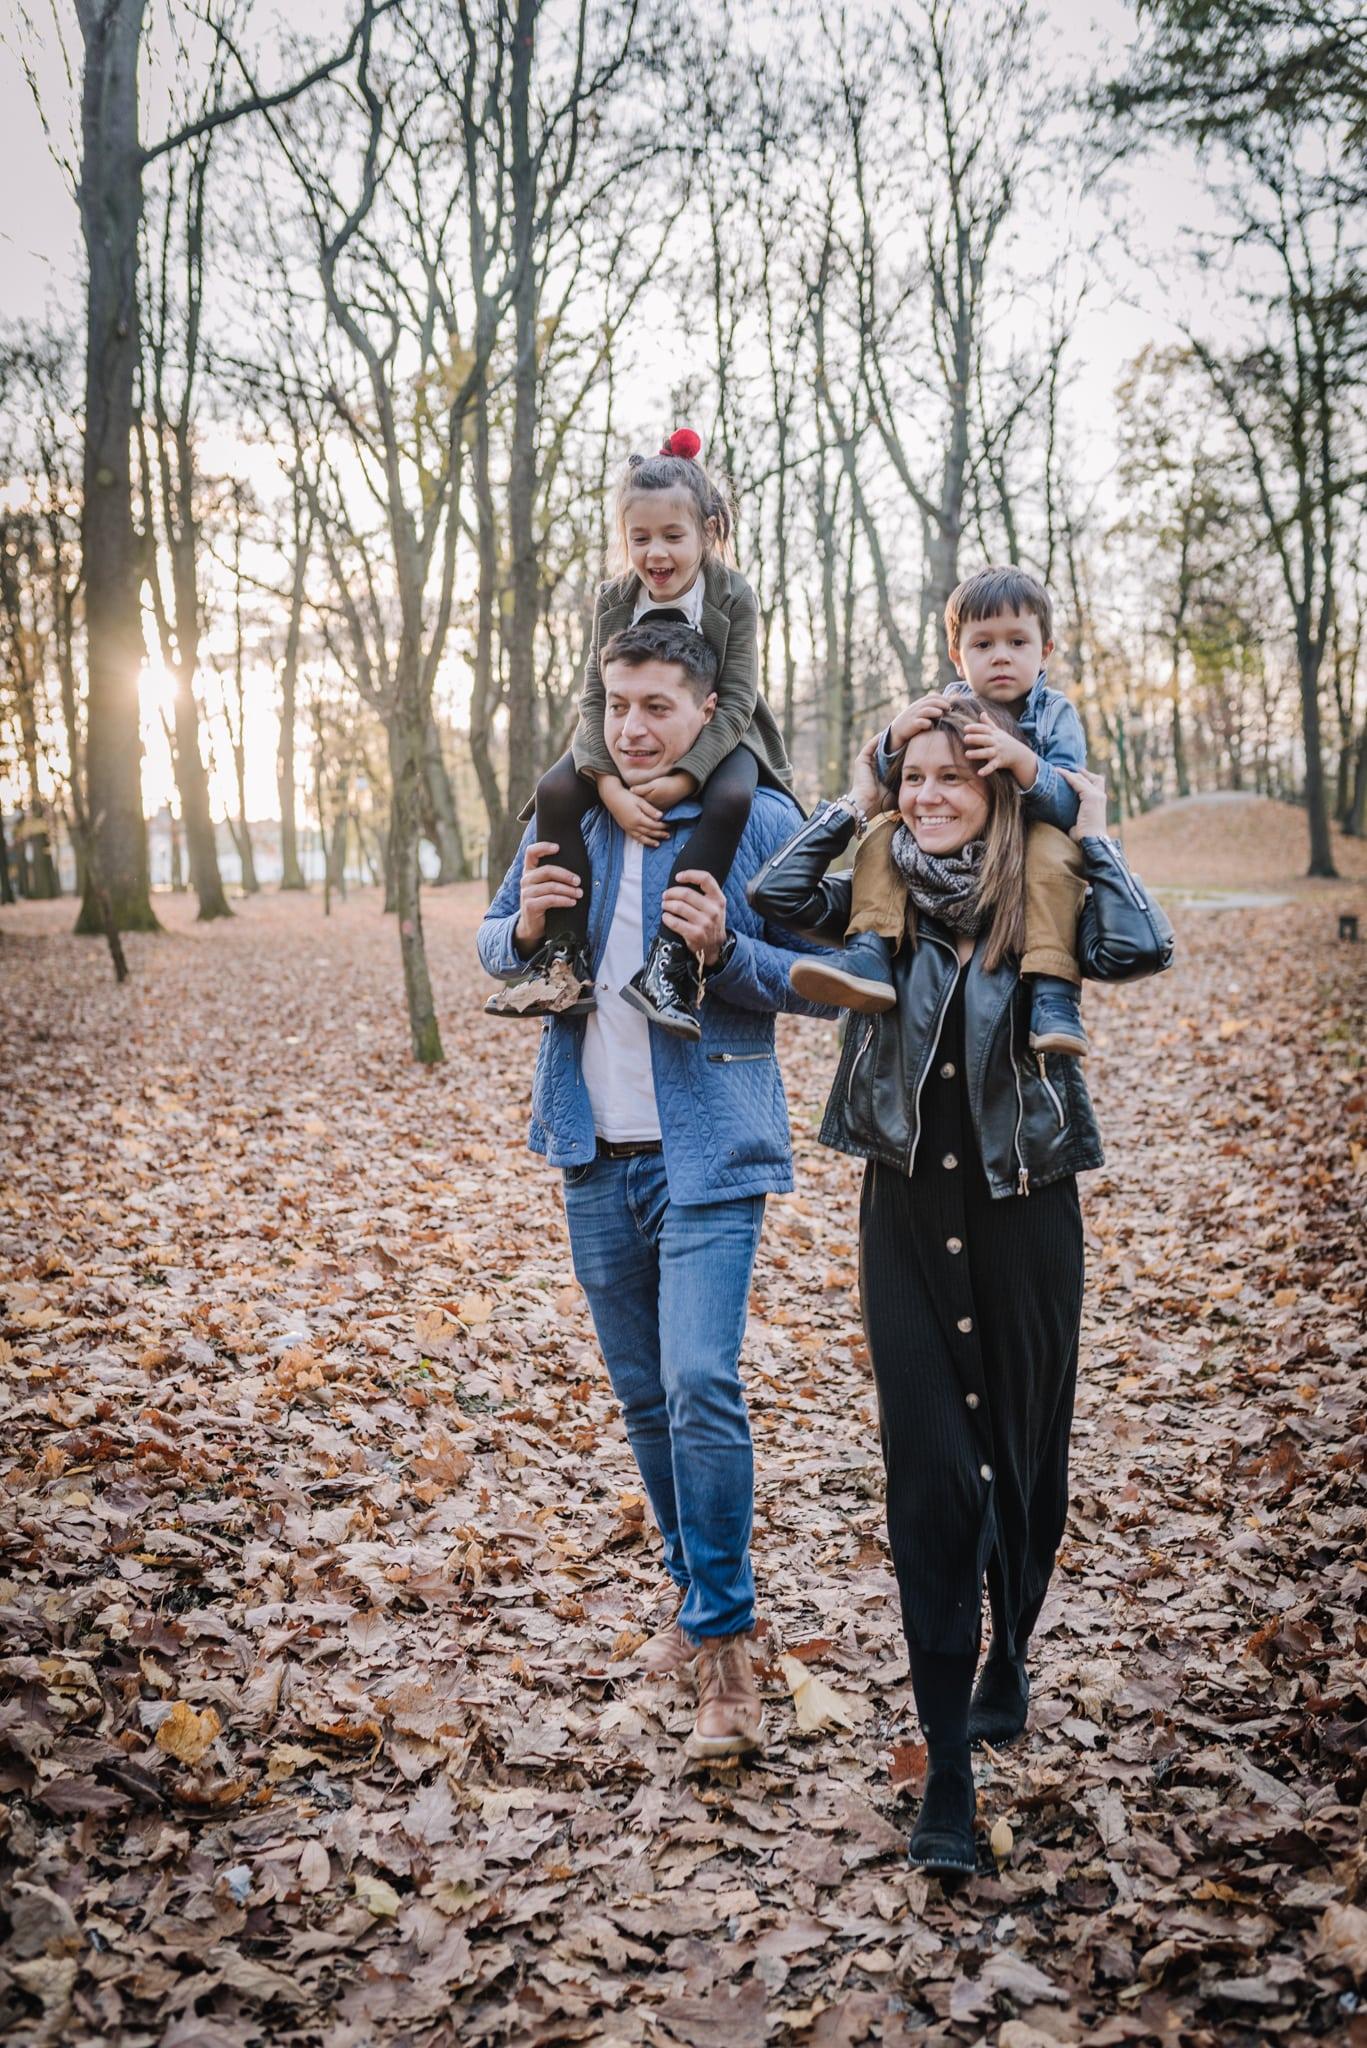 na spacerze w parku córeczka na barana u taty a synek u mamy